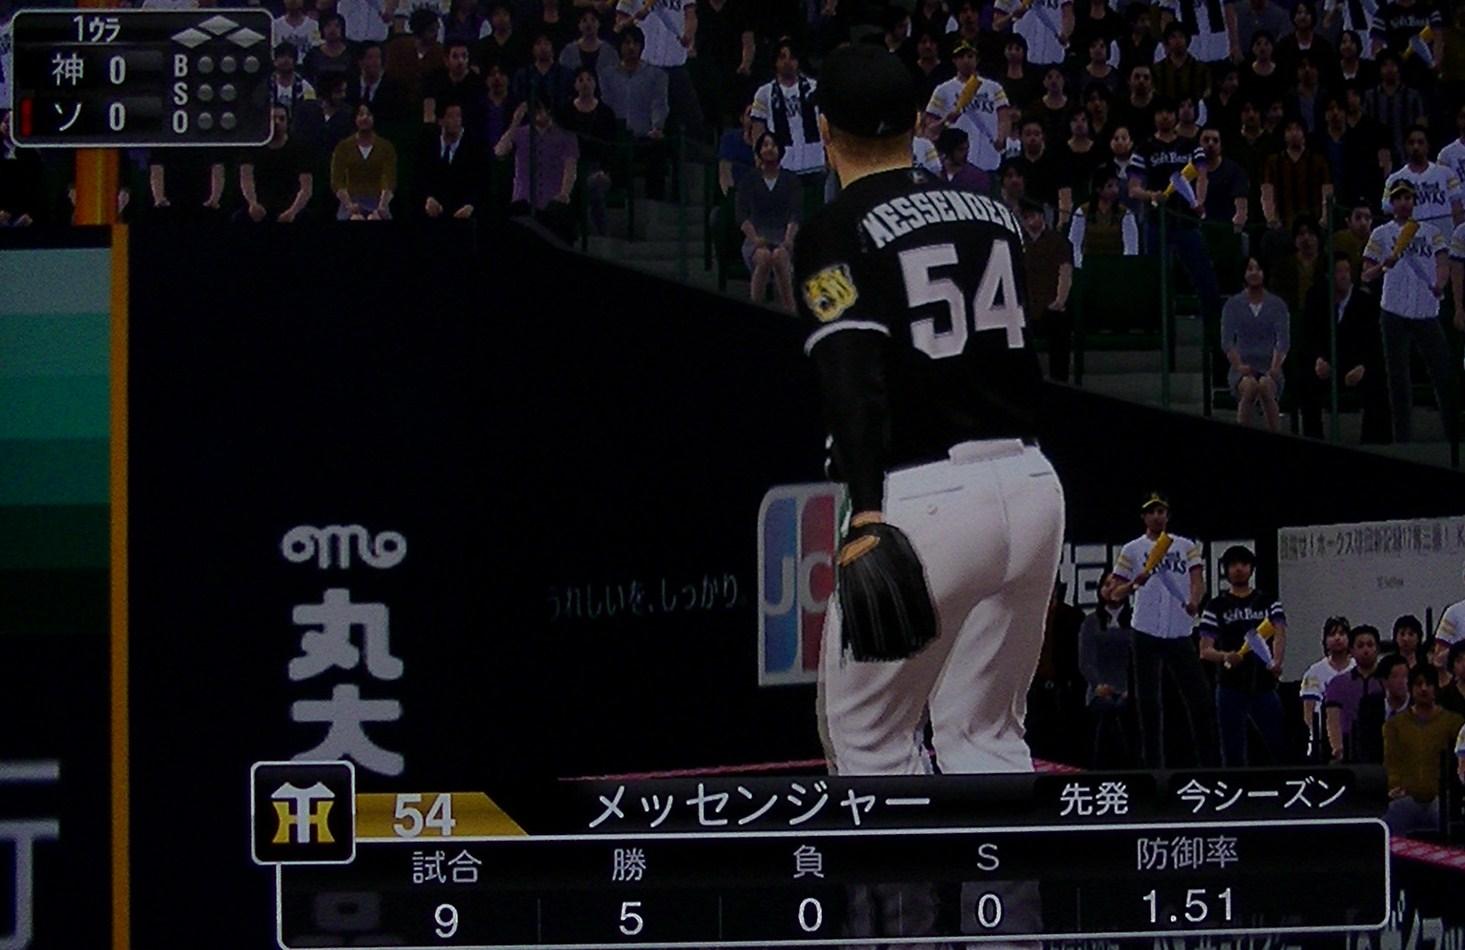 プロスピ2013対ソフトバンク3回戦(ビジター)H25.6.2分 005